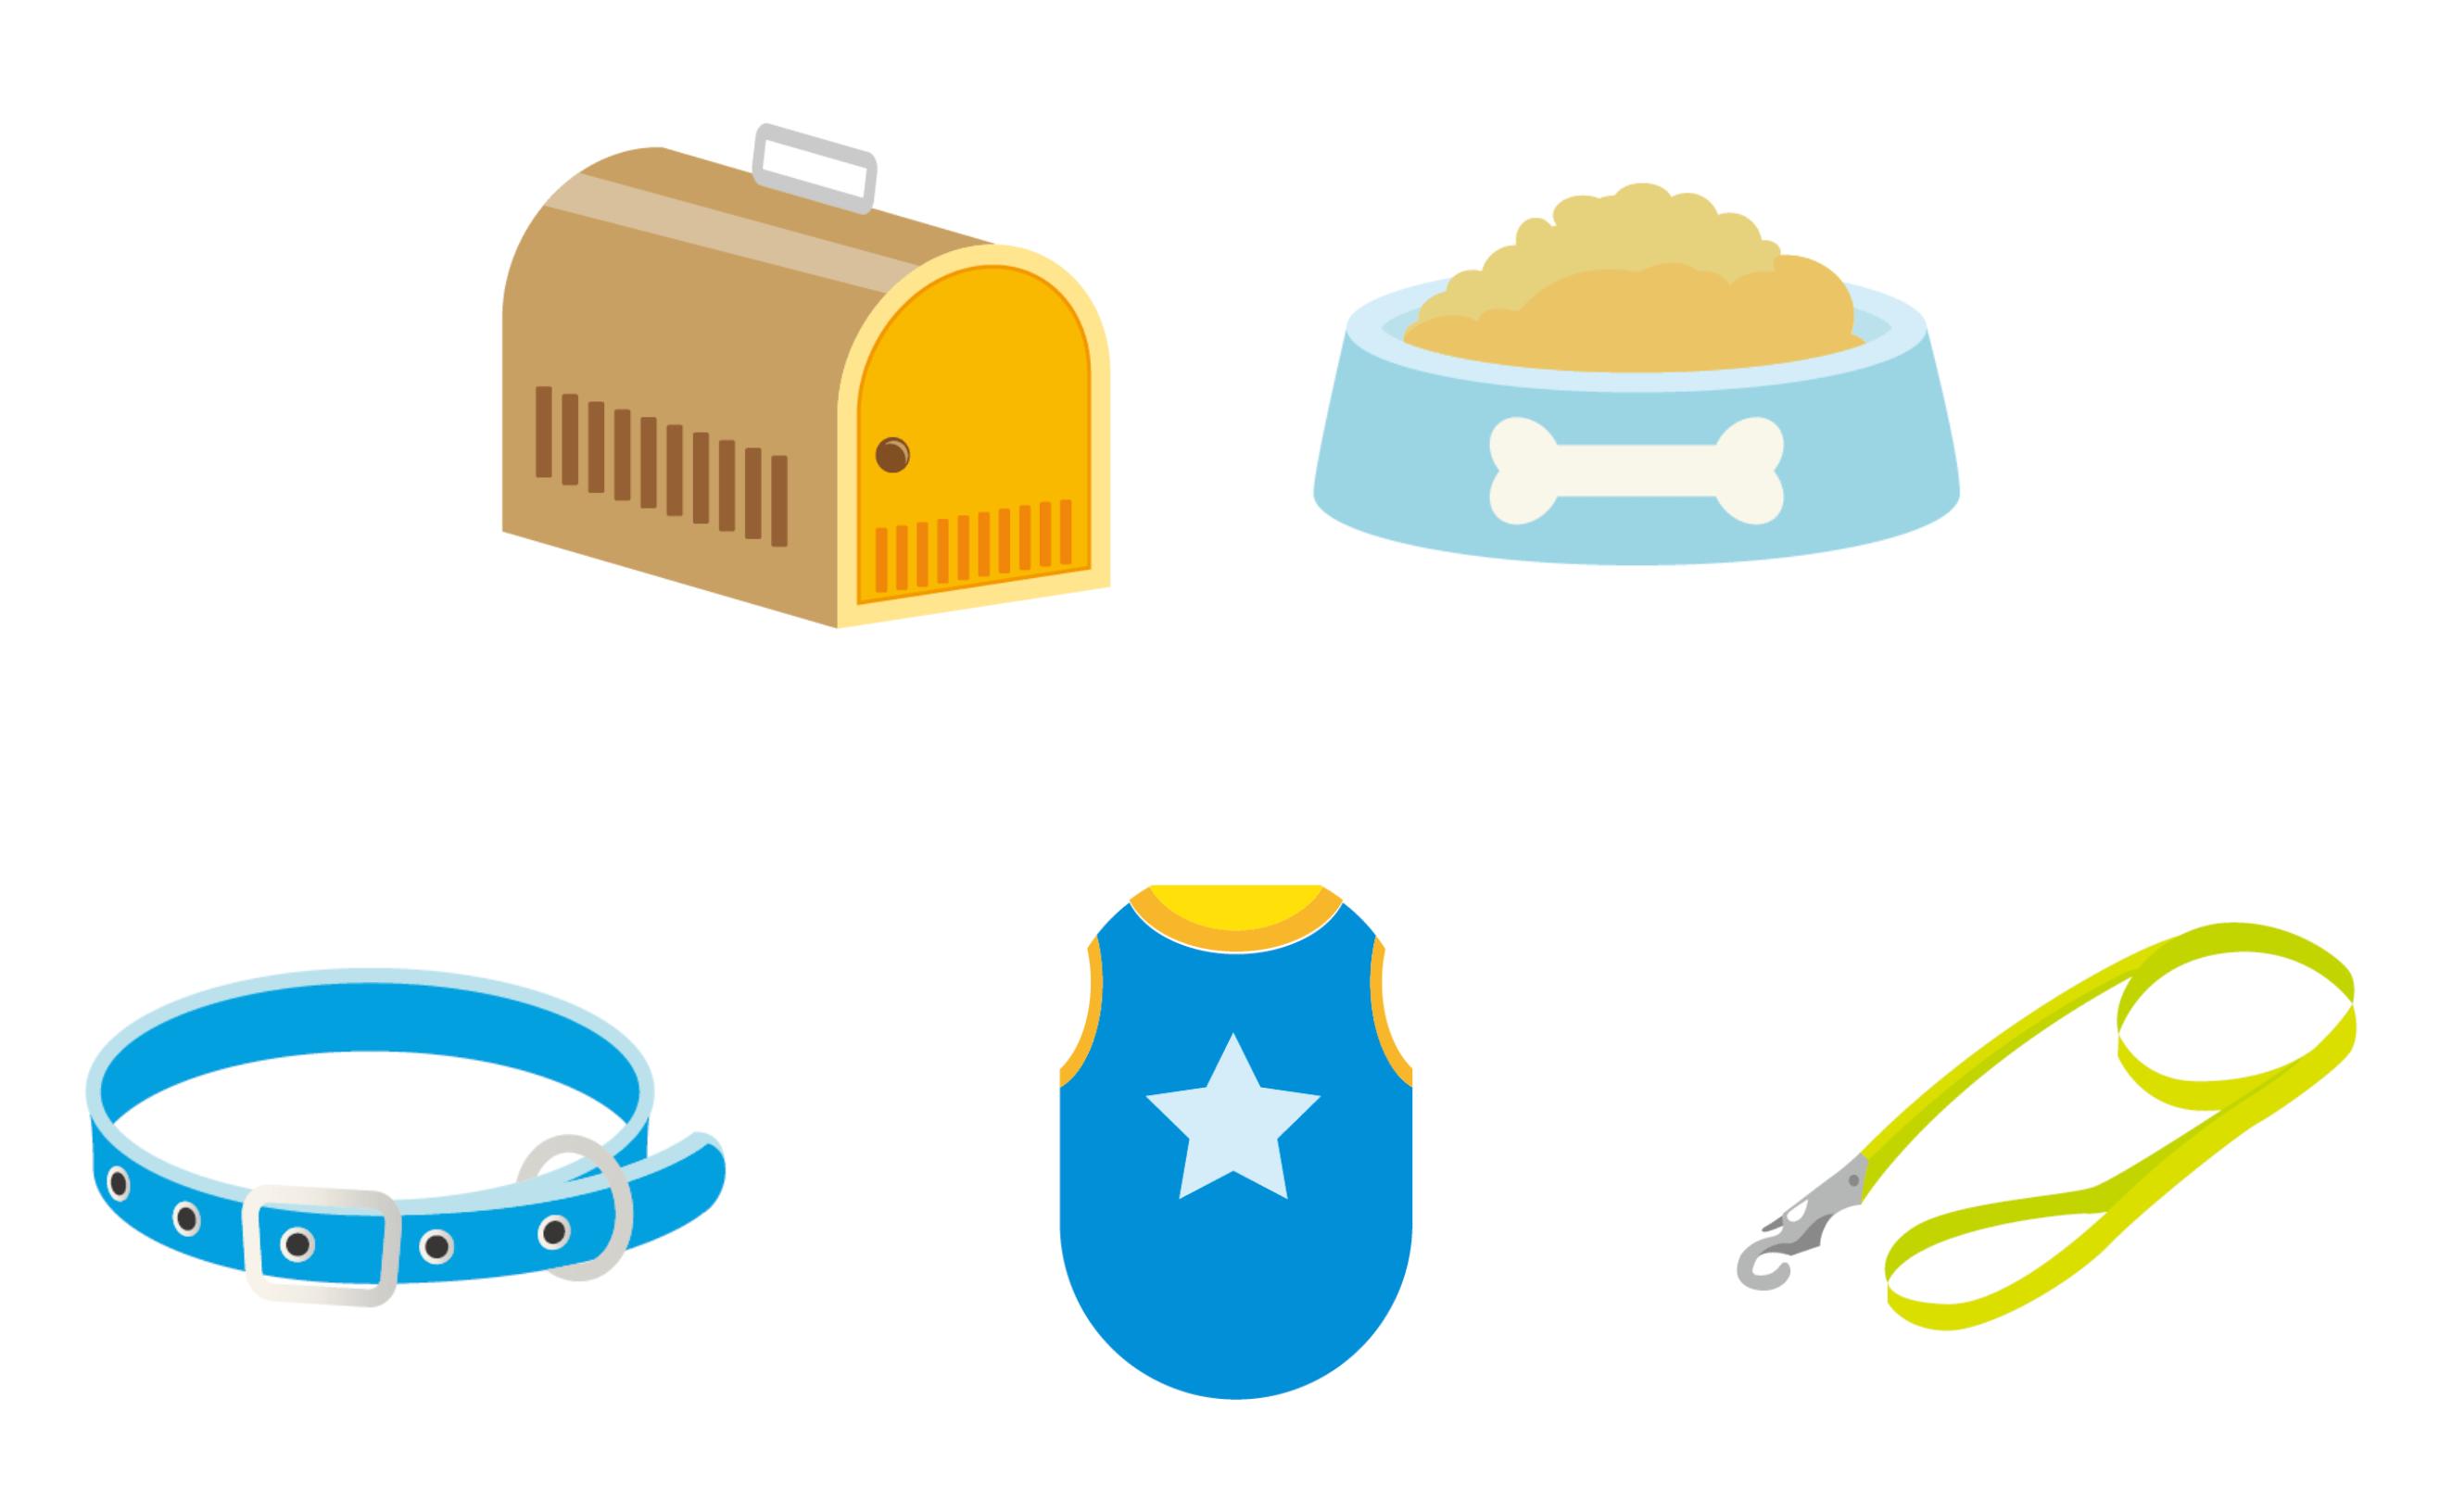 供養できる用品の画像(ケージ・食器・首輪・服・リード)